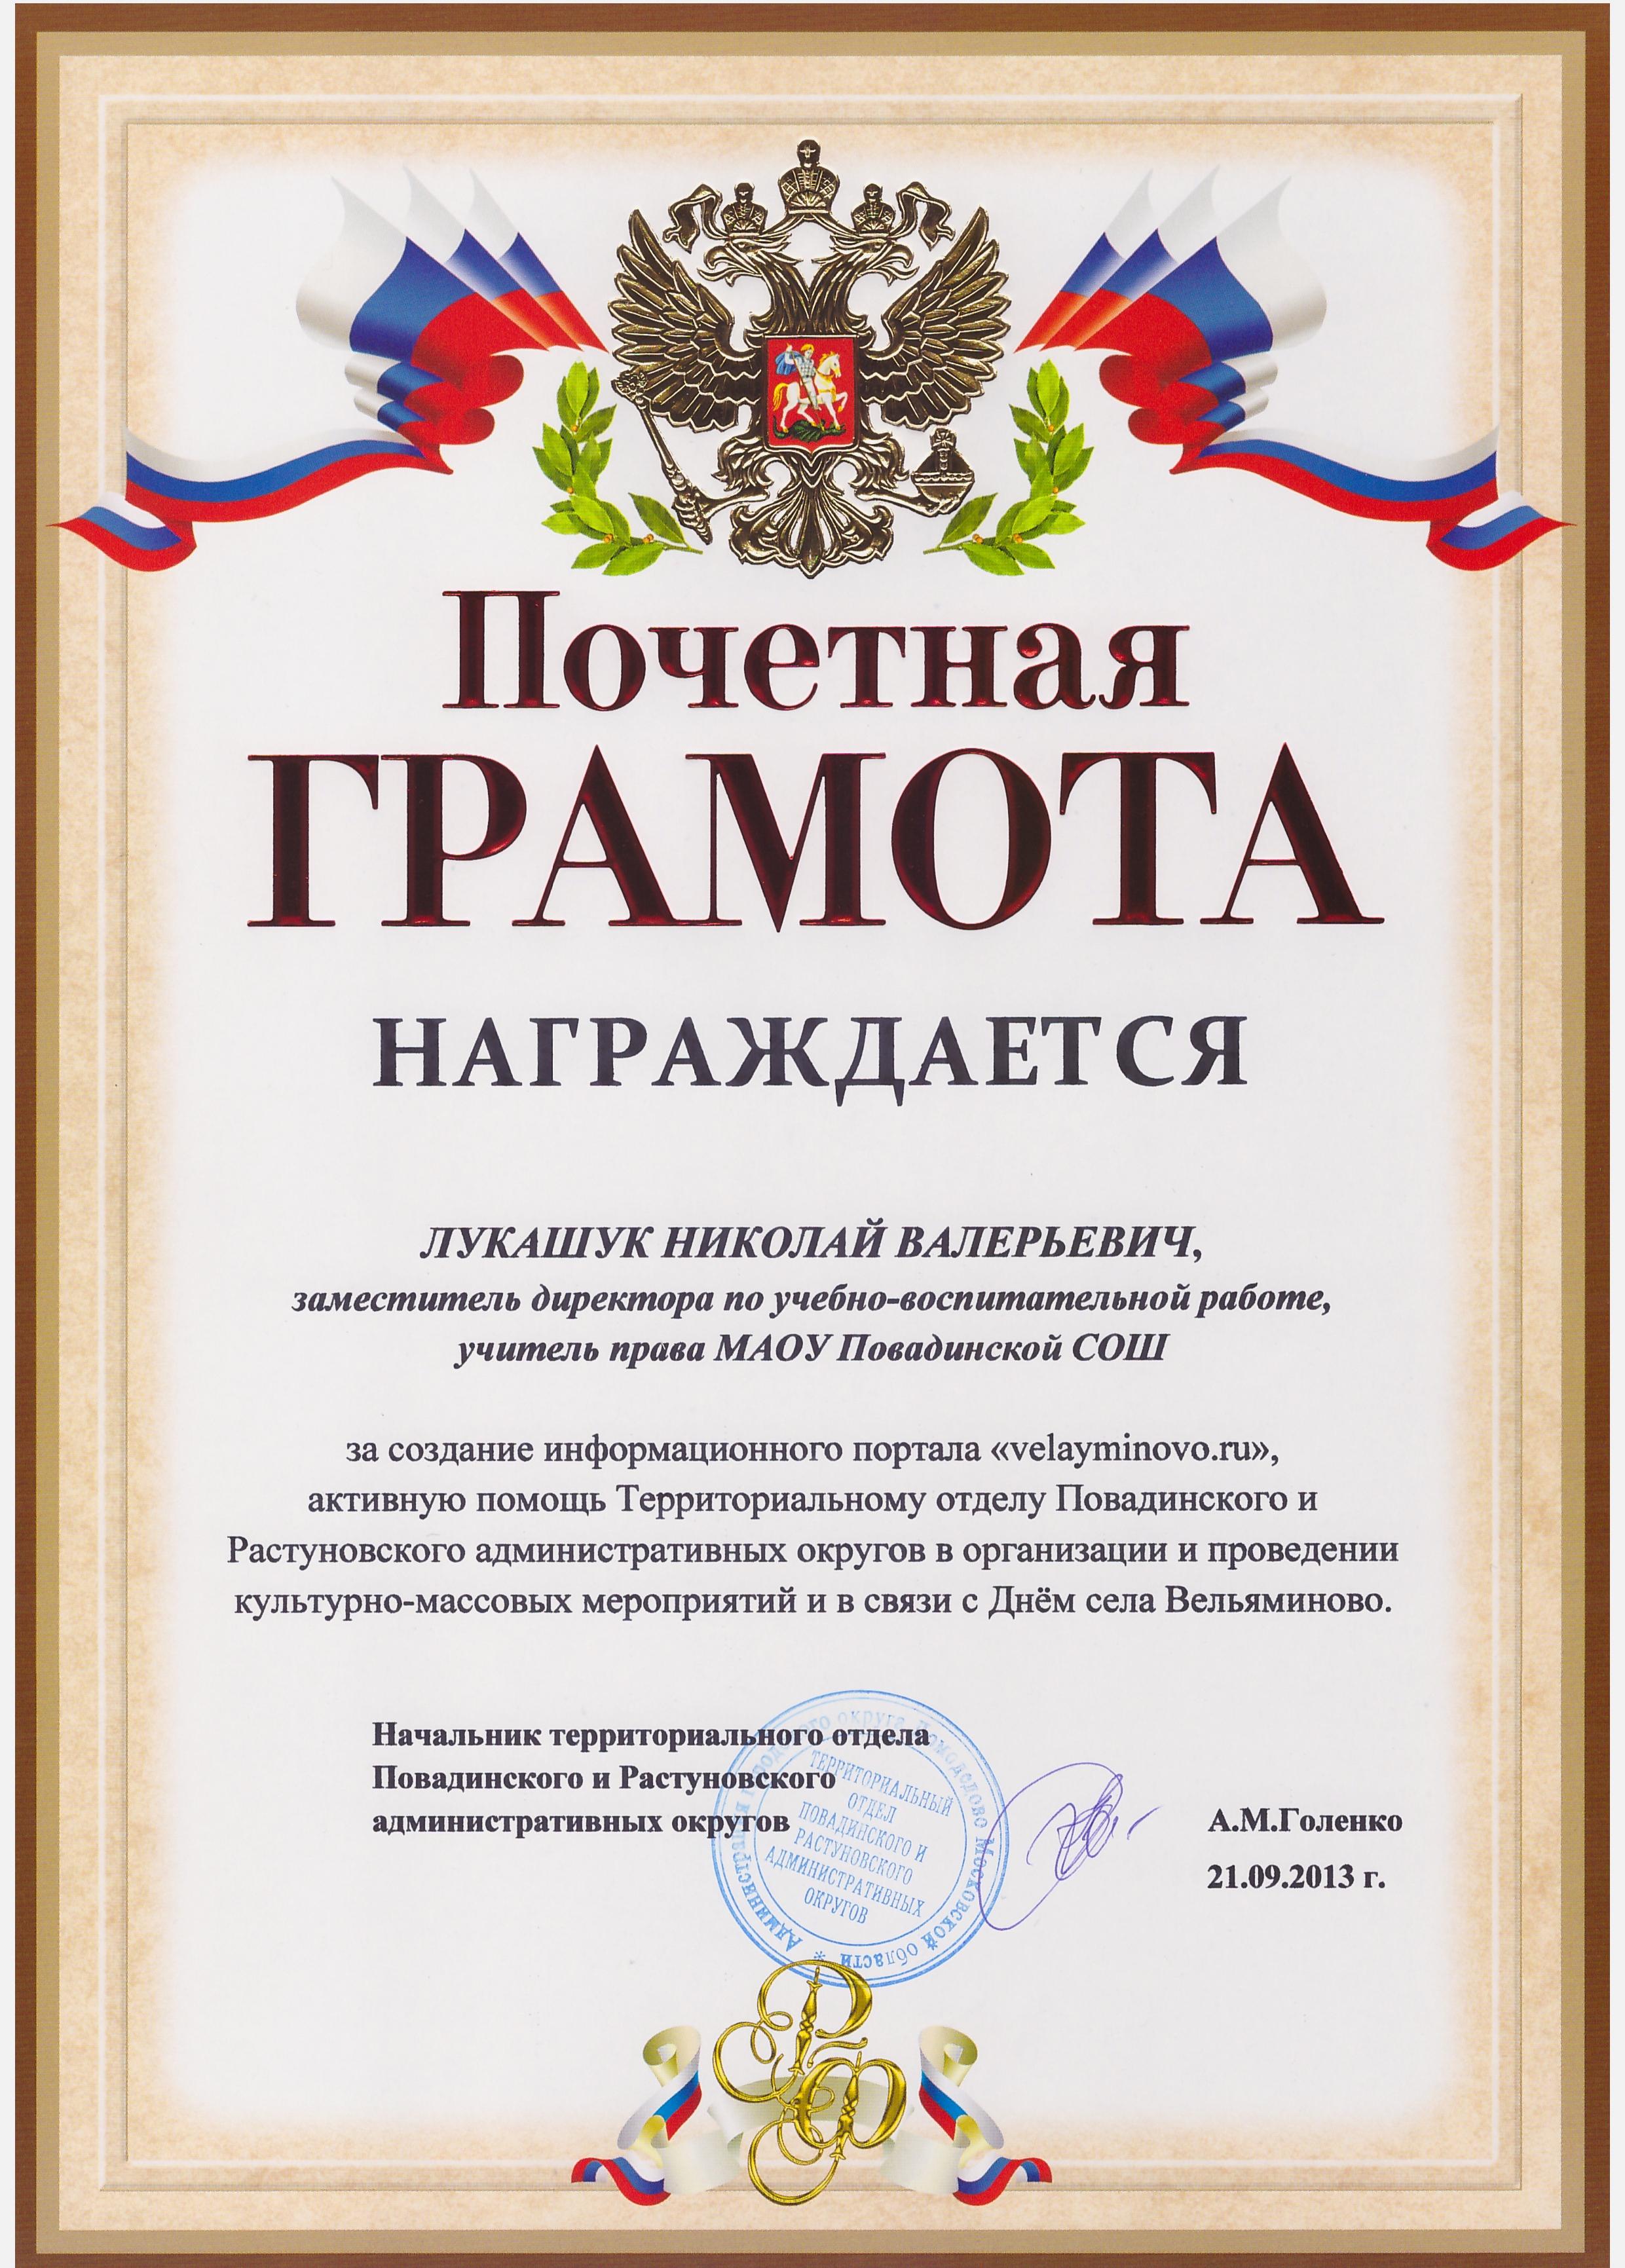 Почётная грамота Территориального отдела